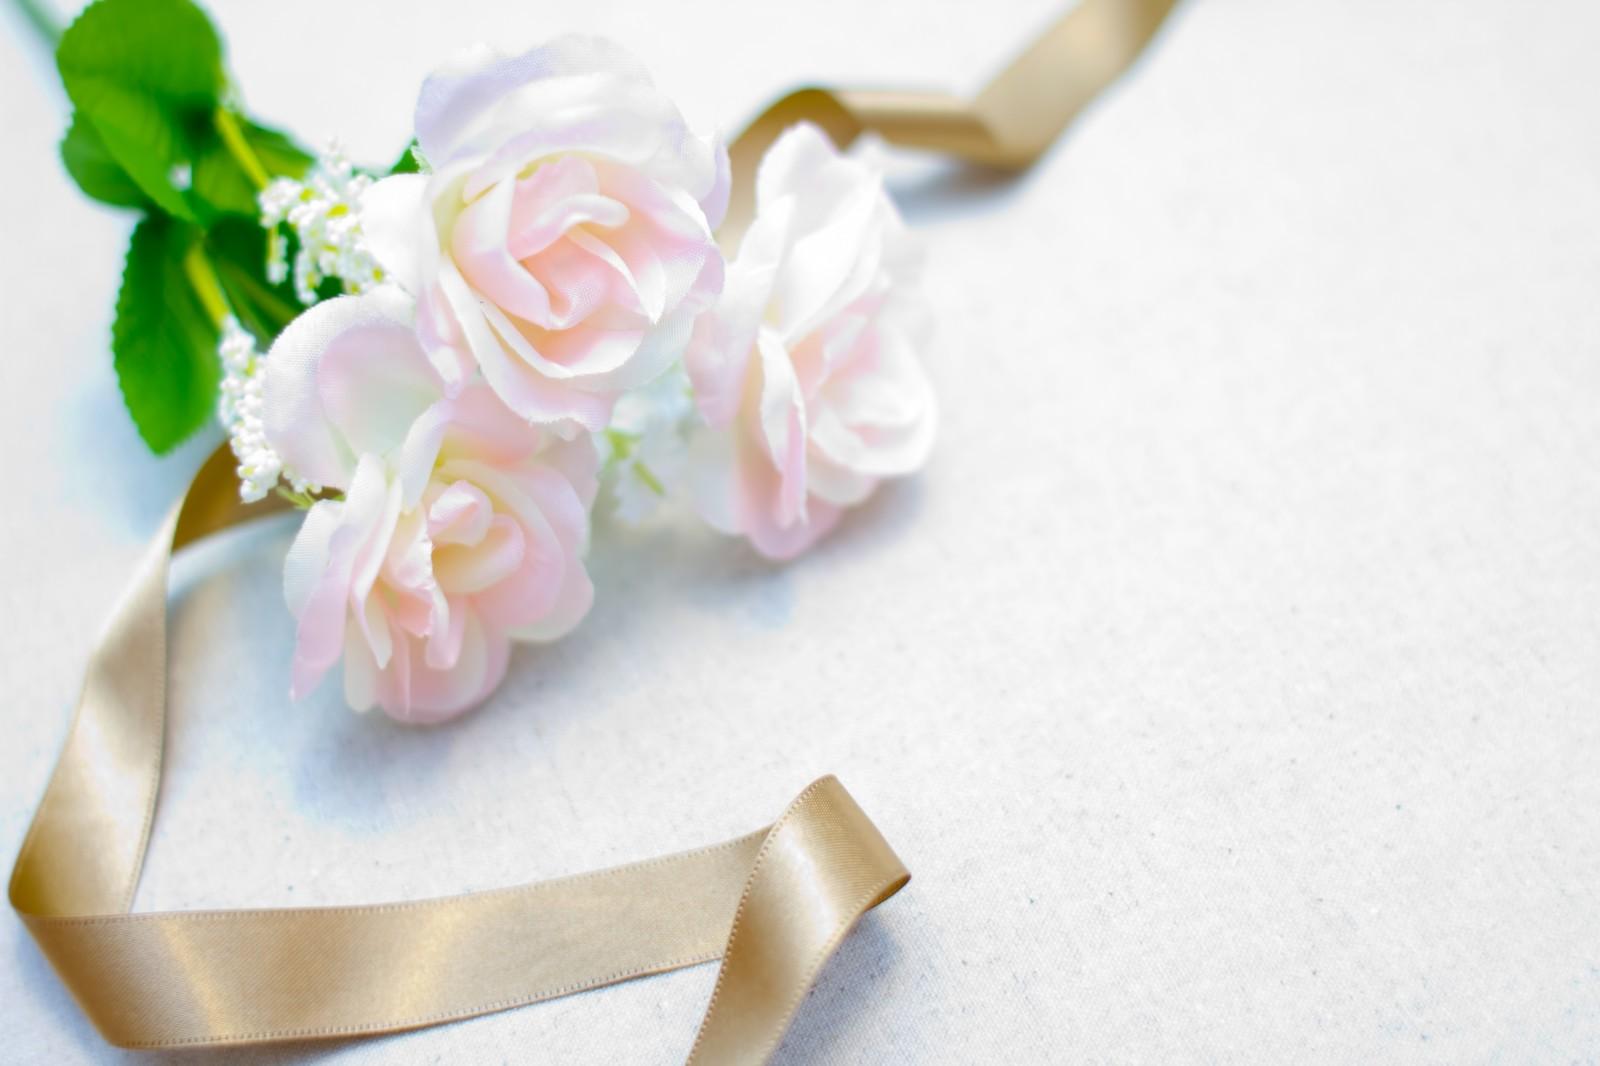 「五等分の花嫁」の聖地まとめ!アニメや原作で登場したスポットをご紹介!